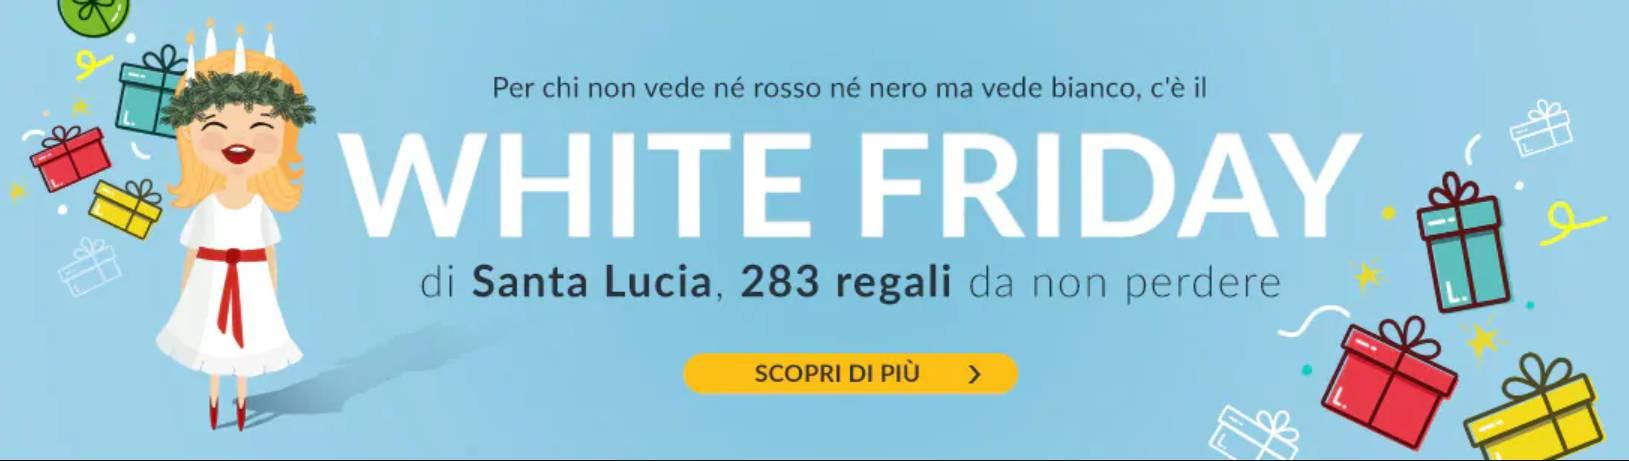 banner white friday eprice